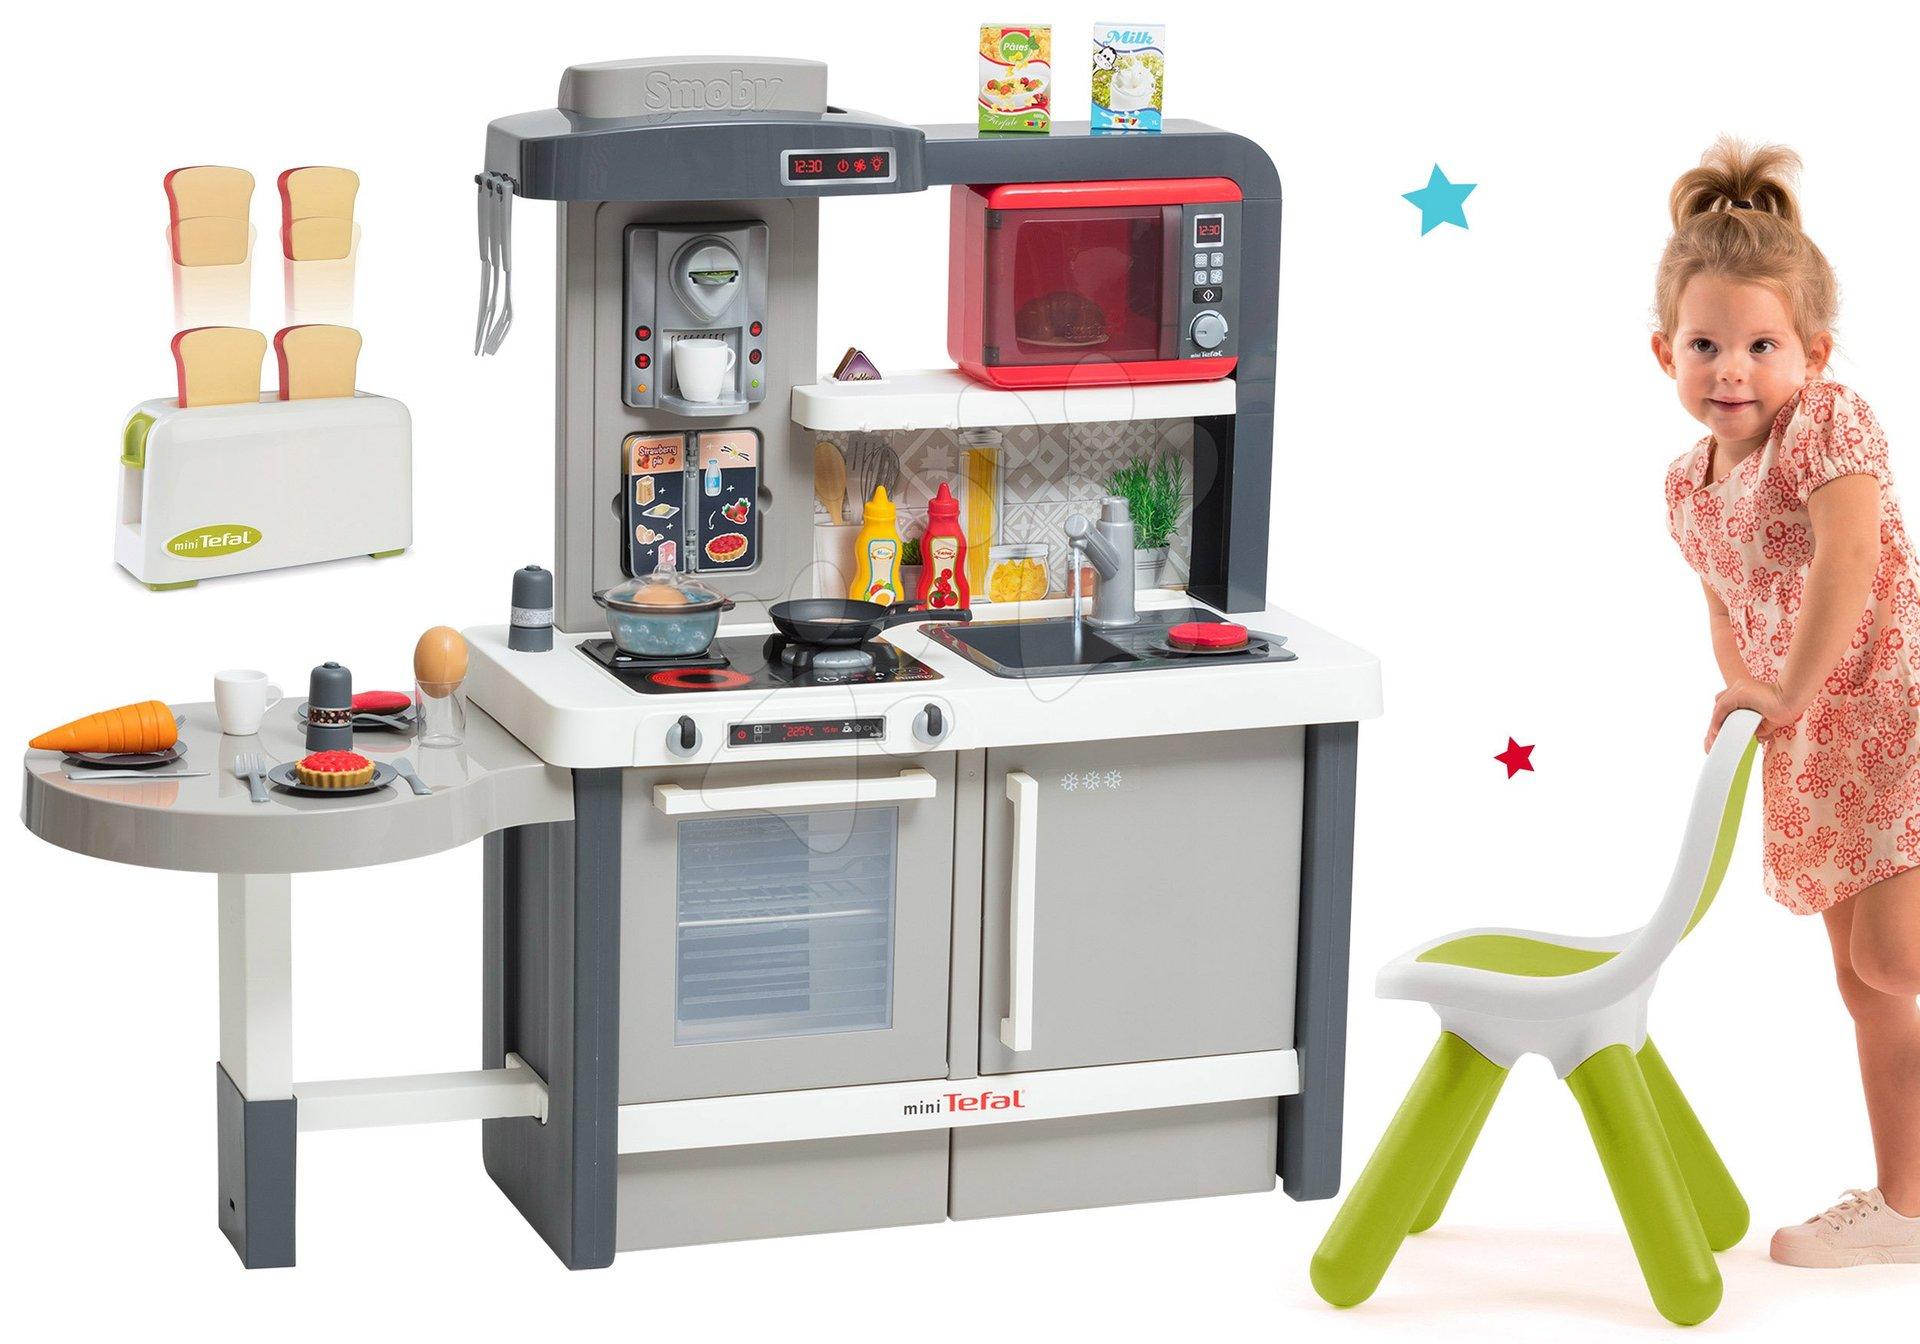 Kuchynky pre deti sety - Set kuchynka rastúca s tečúcou vodou Tefal Evolutive Smoby a mikrovlnka Tefal s hriankovačom a stoličkou KidChair